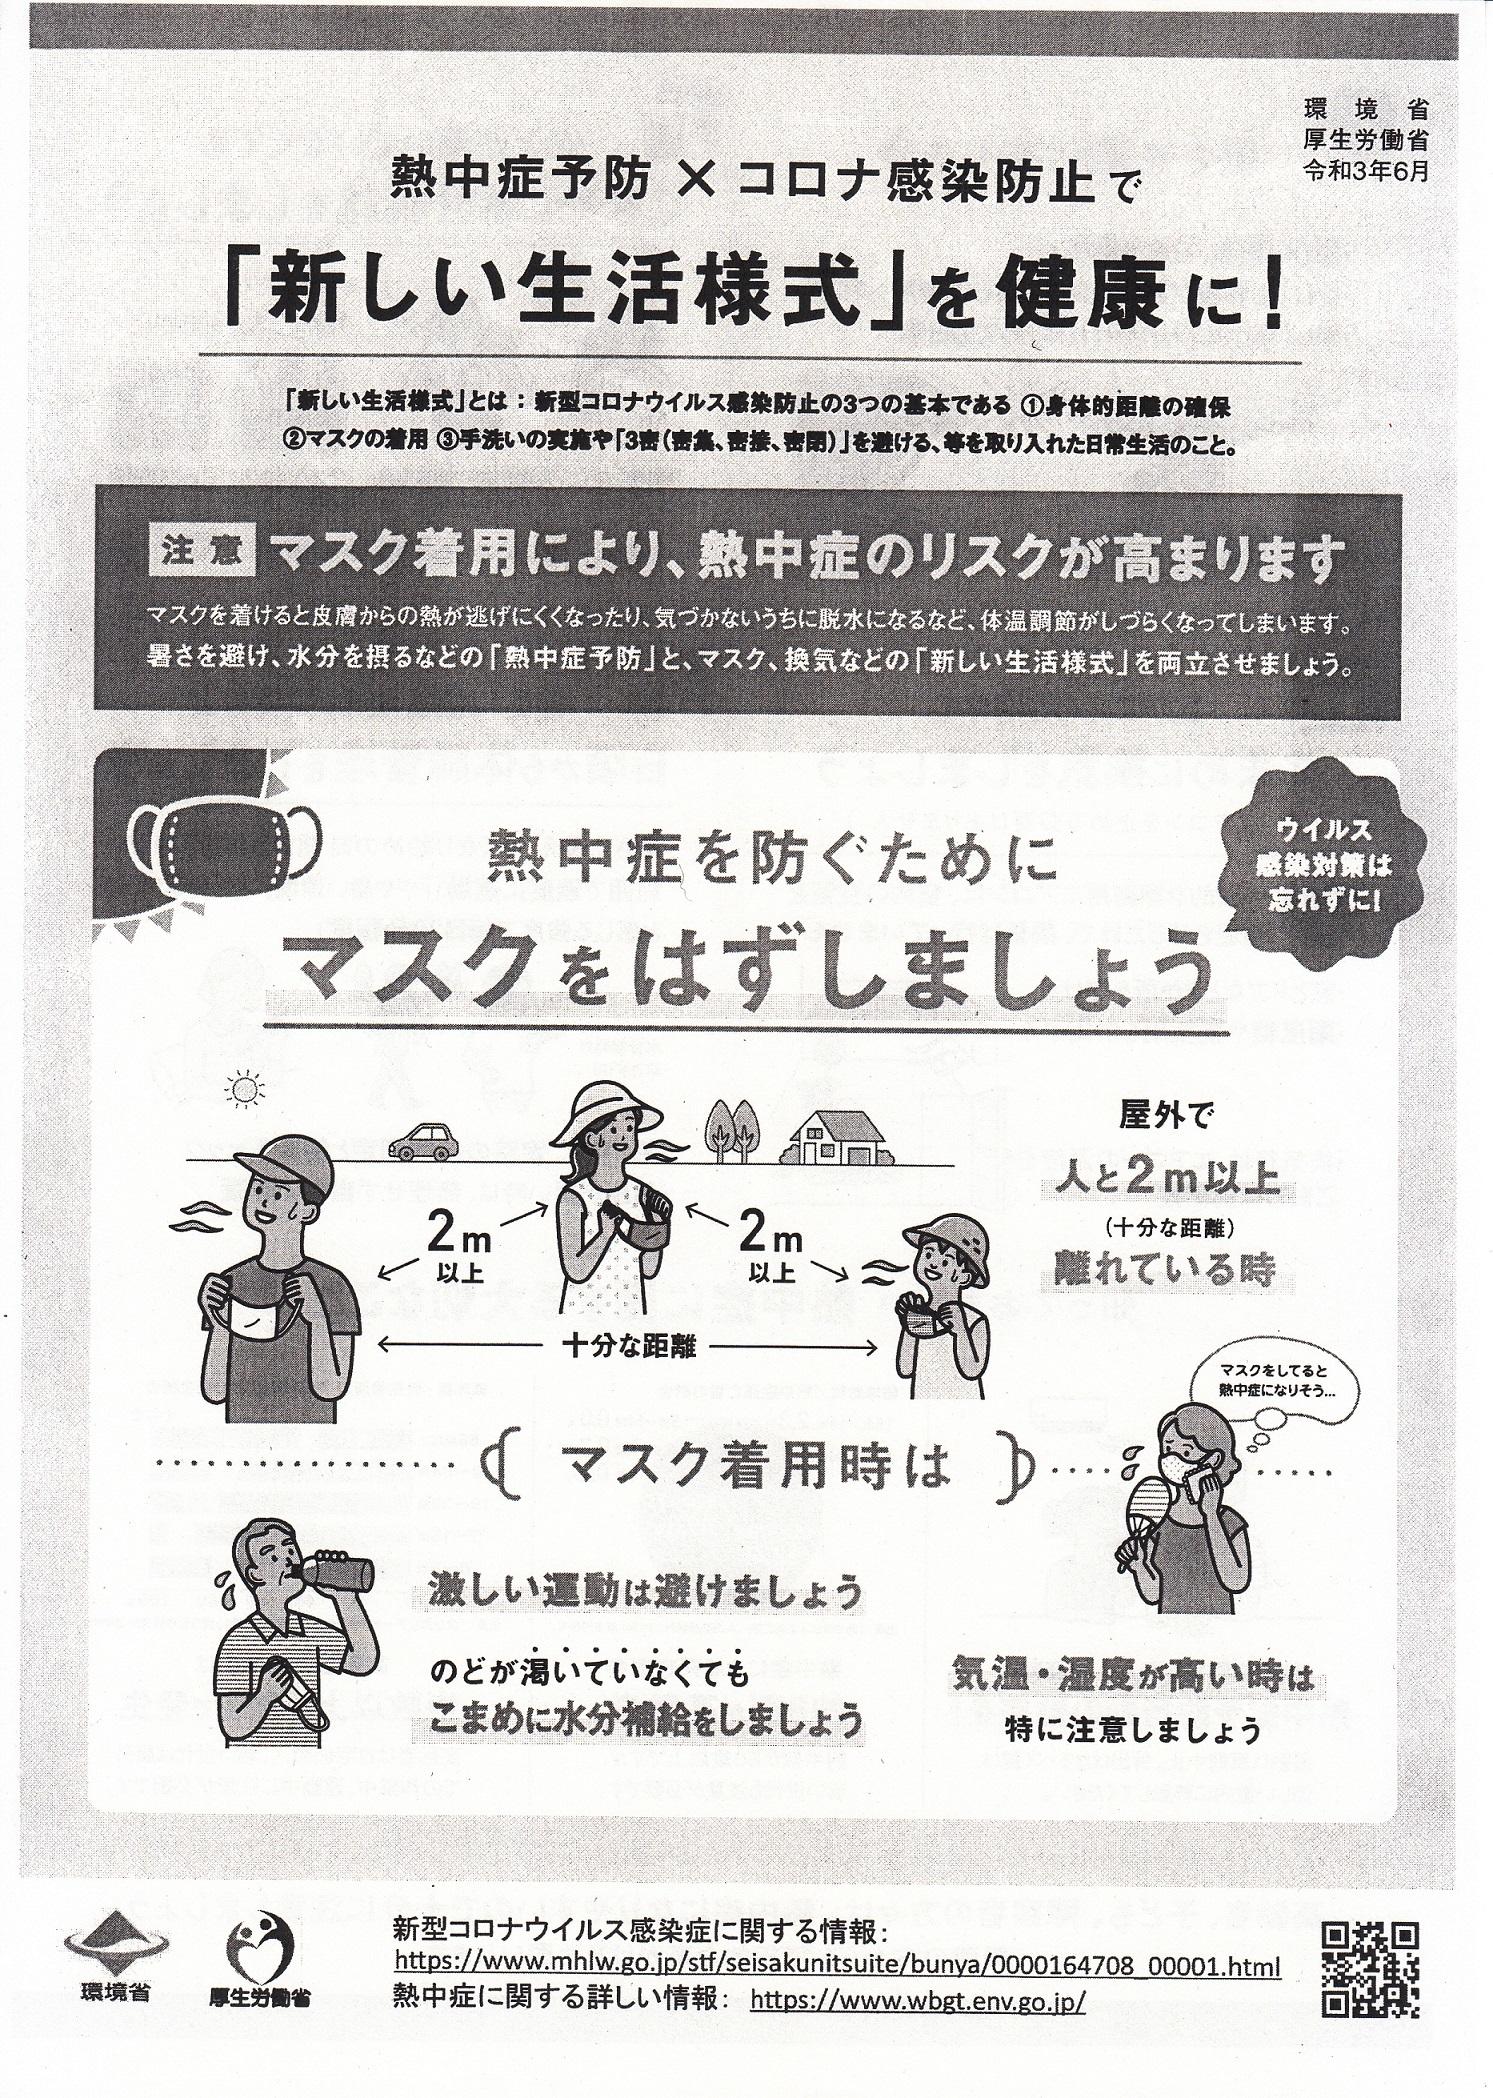 熱中症予防1